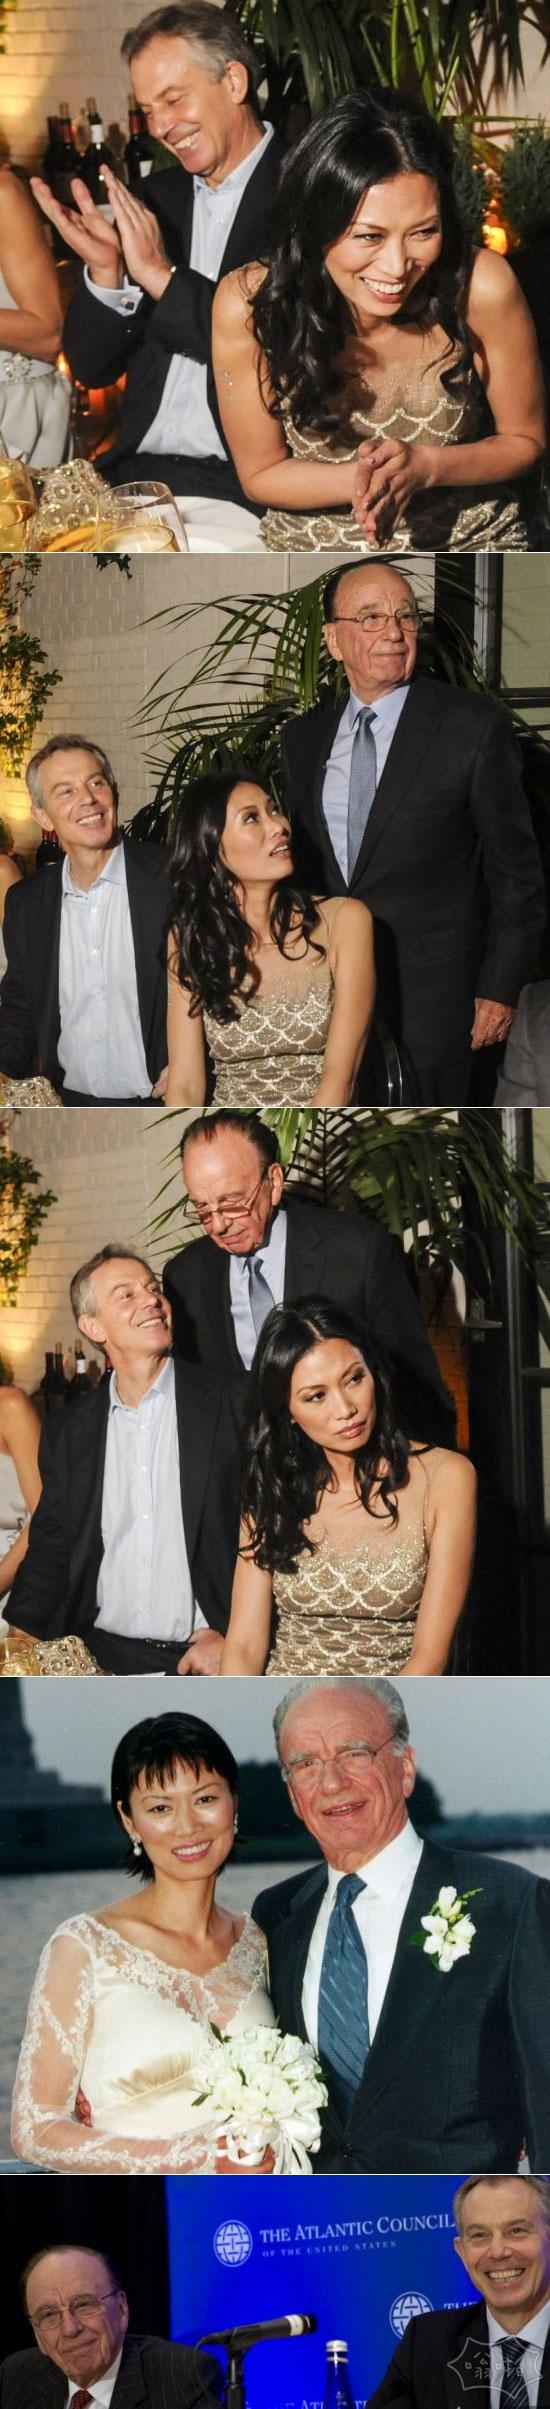 从来没有过出版,托尼·布莱尔,邓文迪和她的前夫默多克庆祝邓小姐的40岁生日派对在纽约举行。